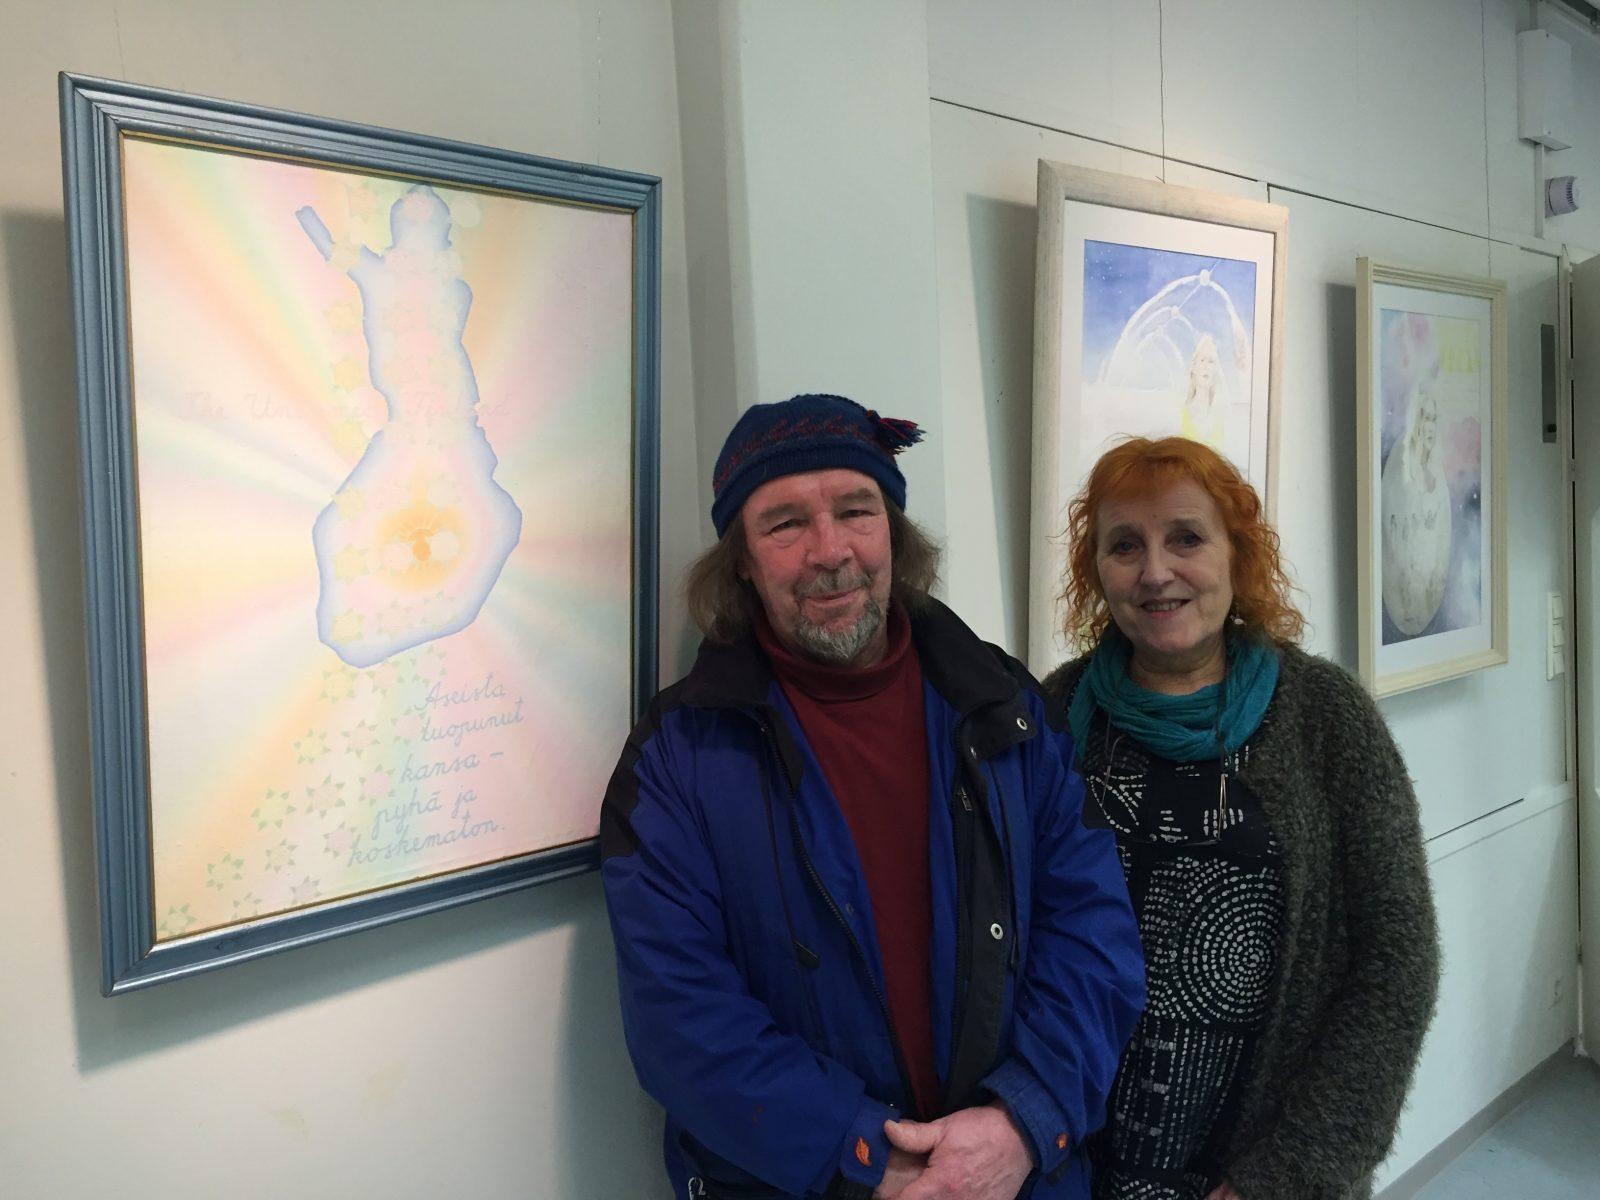 Pekka ja Heli Peltola palasivat liki kolmen vuosikymmenen jälkeen Äänekoskelle Hoikkassaliin, Aseeton Suomi –näyttelyn merkeissä. Kuvassa myös Käpykolon seinällä ollut Pekka Peltolan vuonna 1979 maalaama teos